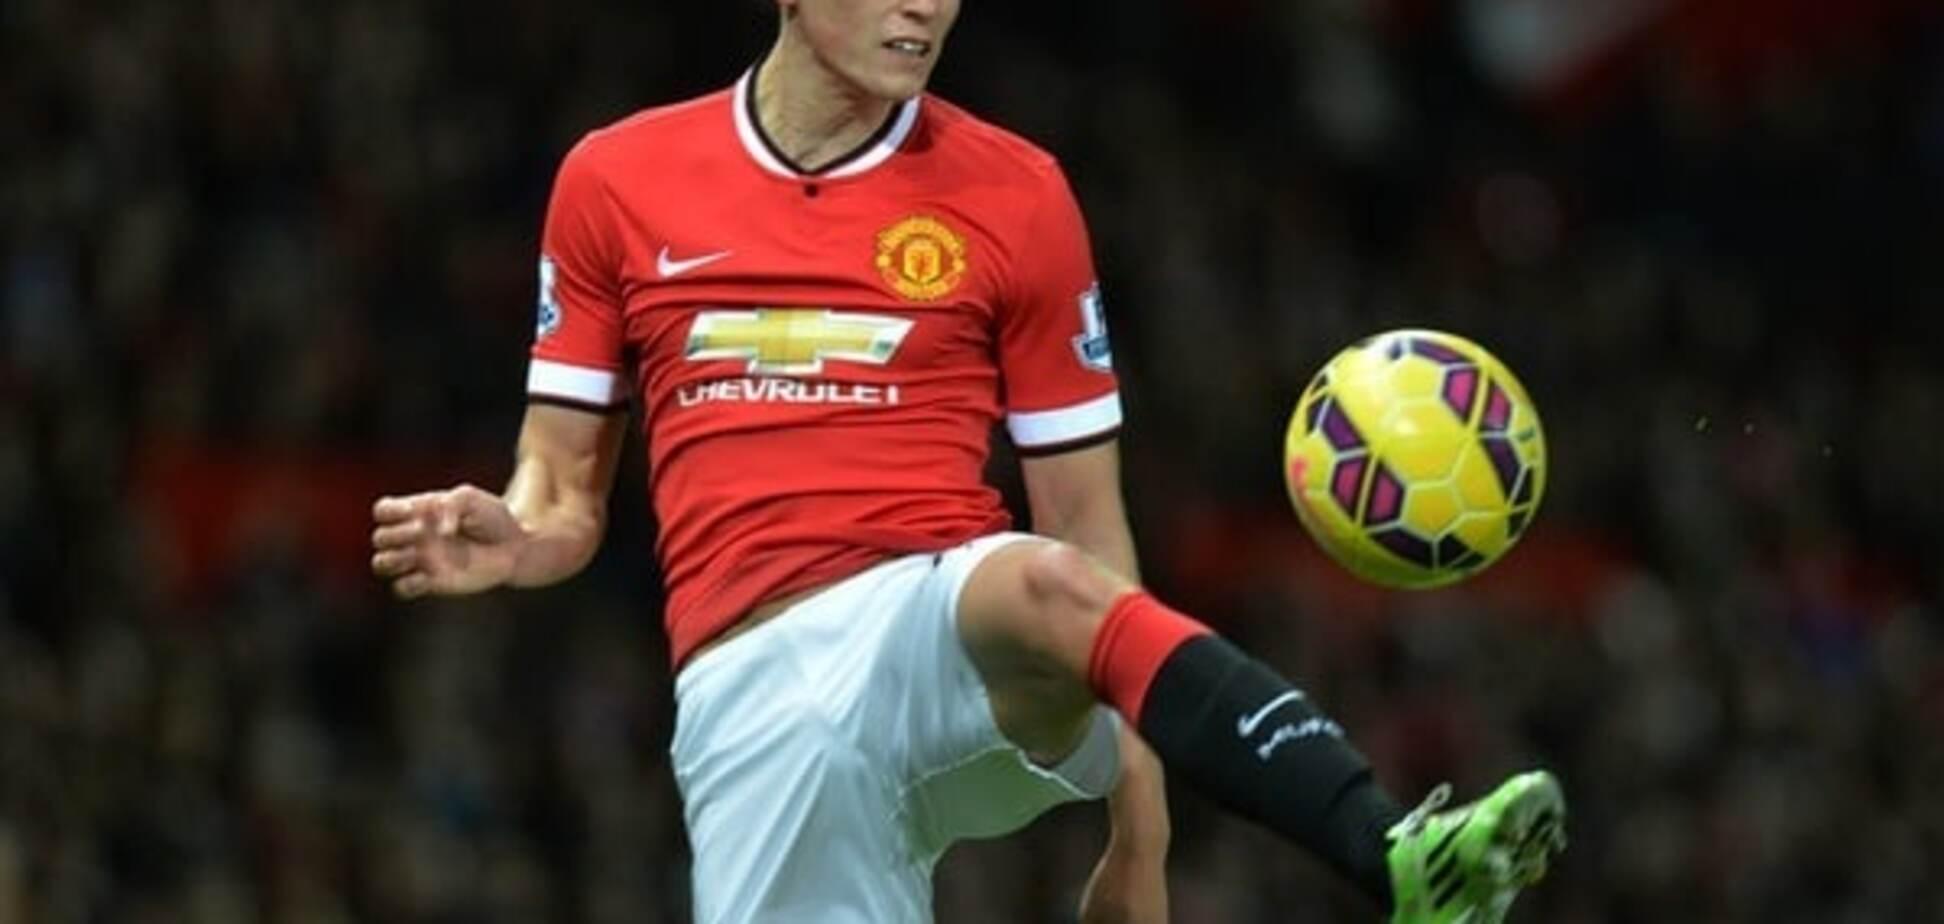 Футболіста 'Манчестер Юнайтед' знудило під час матчу: відео конфузу